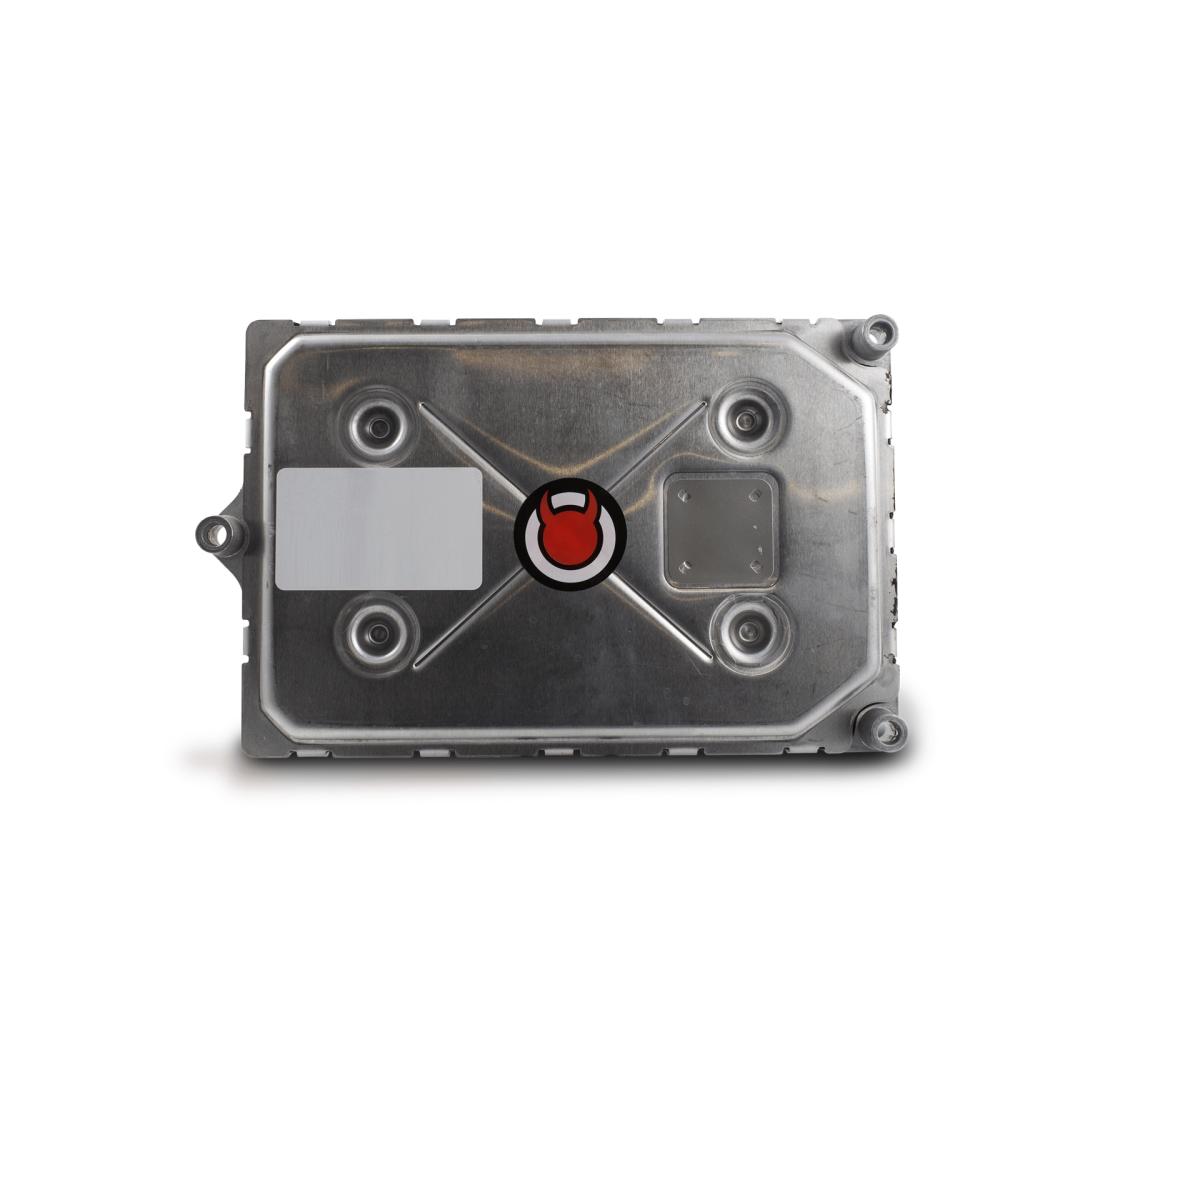 DiabloSport - DiabloSport Modified PCM For 2015-2017 Hellcat 6.2L - Image 1